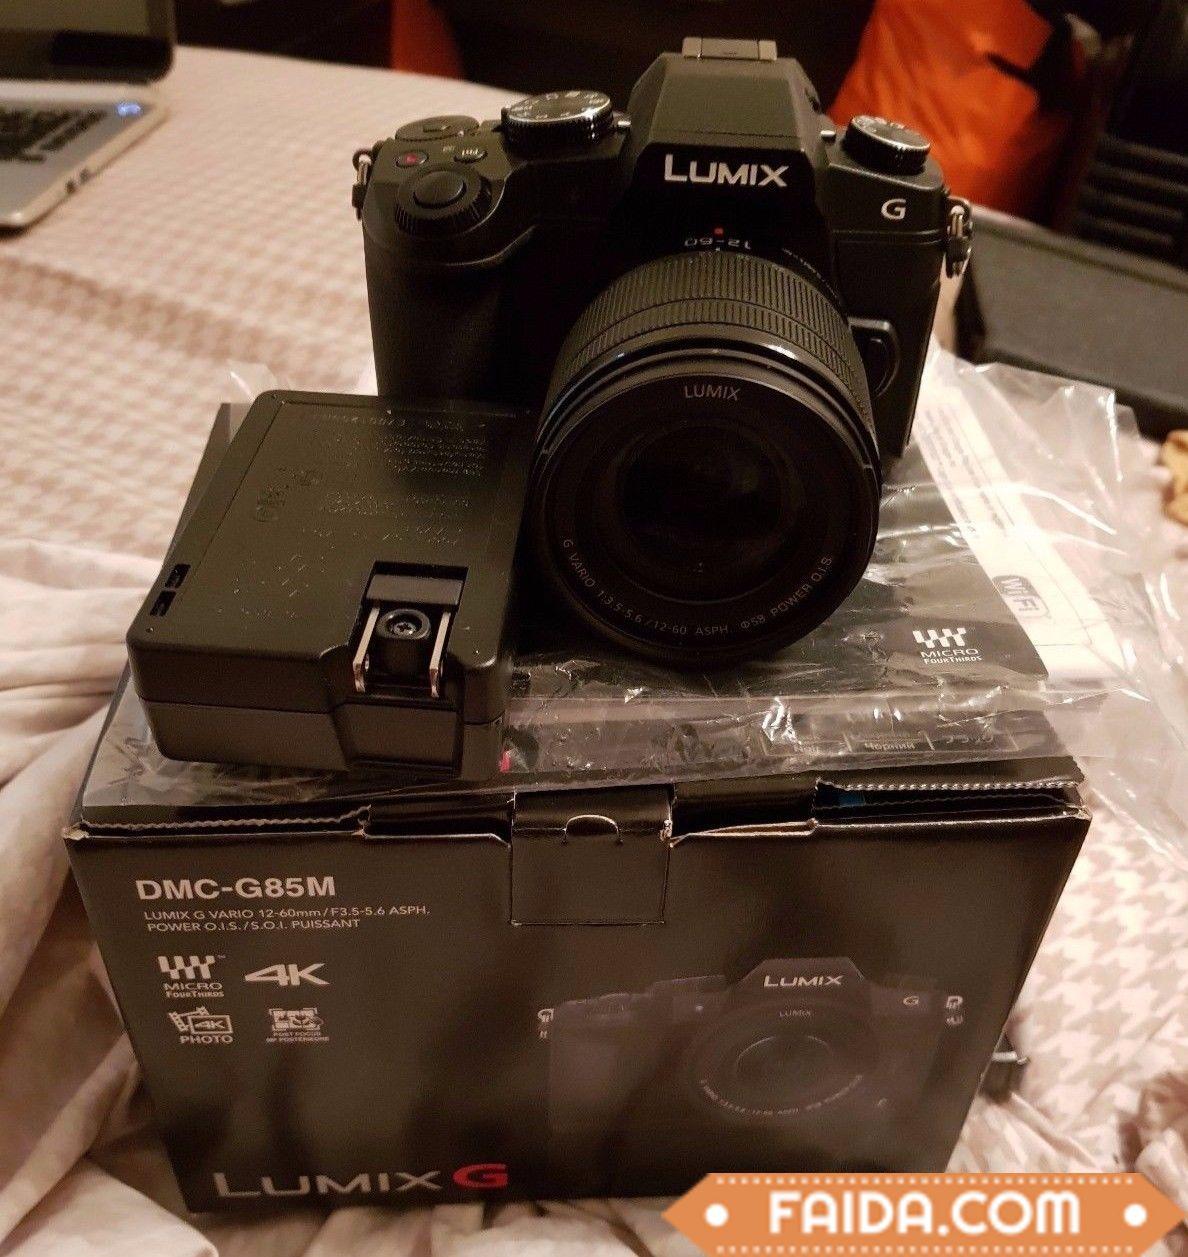 Panasonic LUMIX DMC-GH4-YAGH Camera / Interface Unit Kit